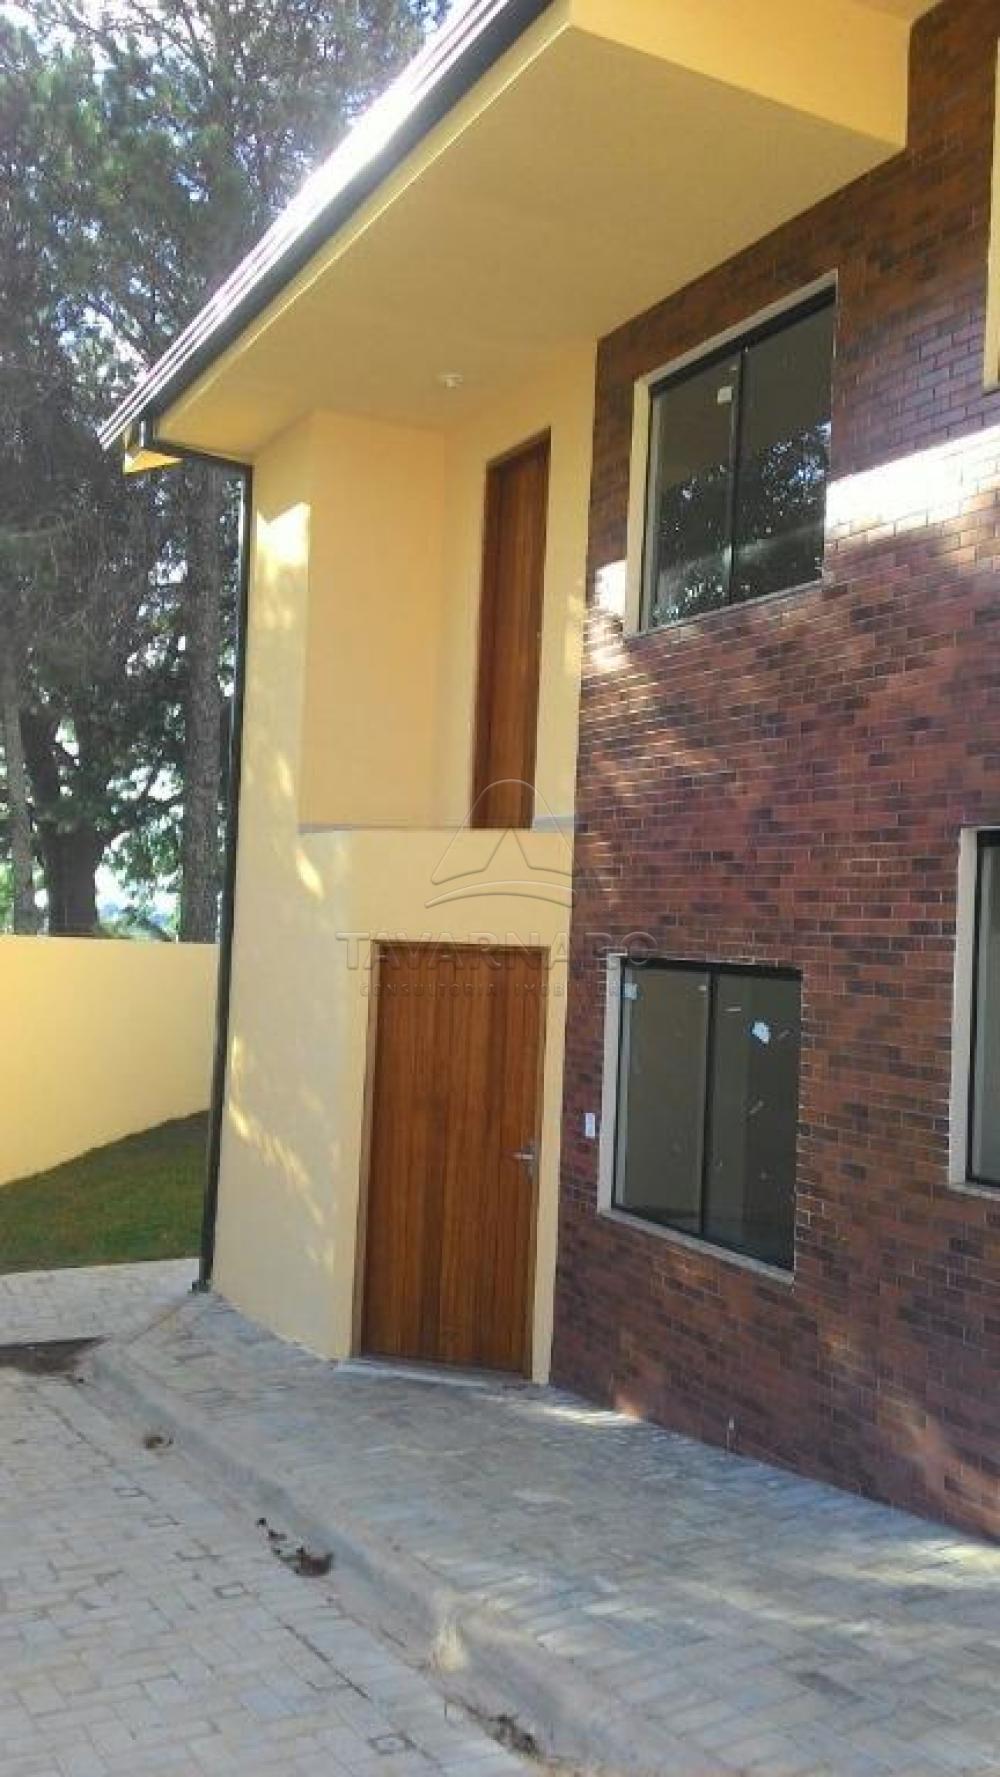 Comprar Casa / Sobrado em Ponta Grossa R$ 165.000,00 - Foto 5